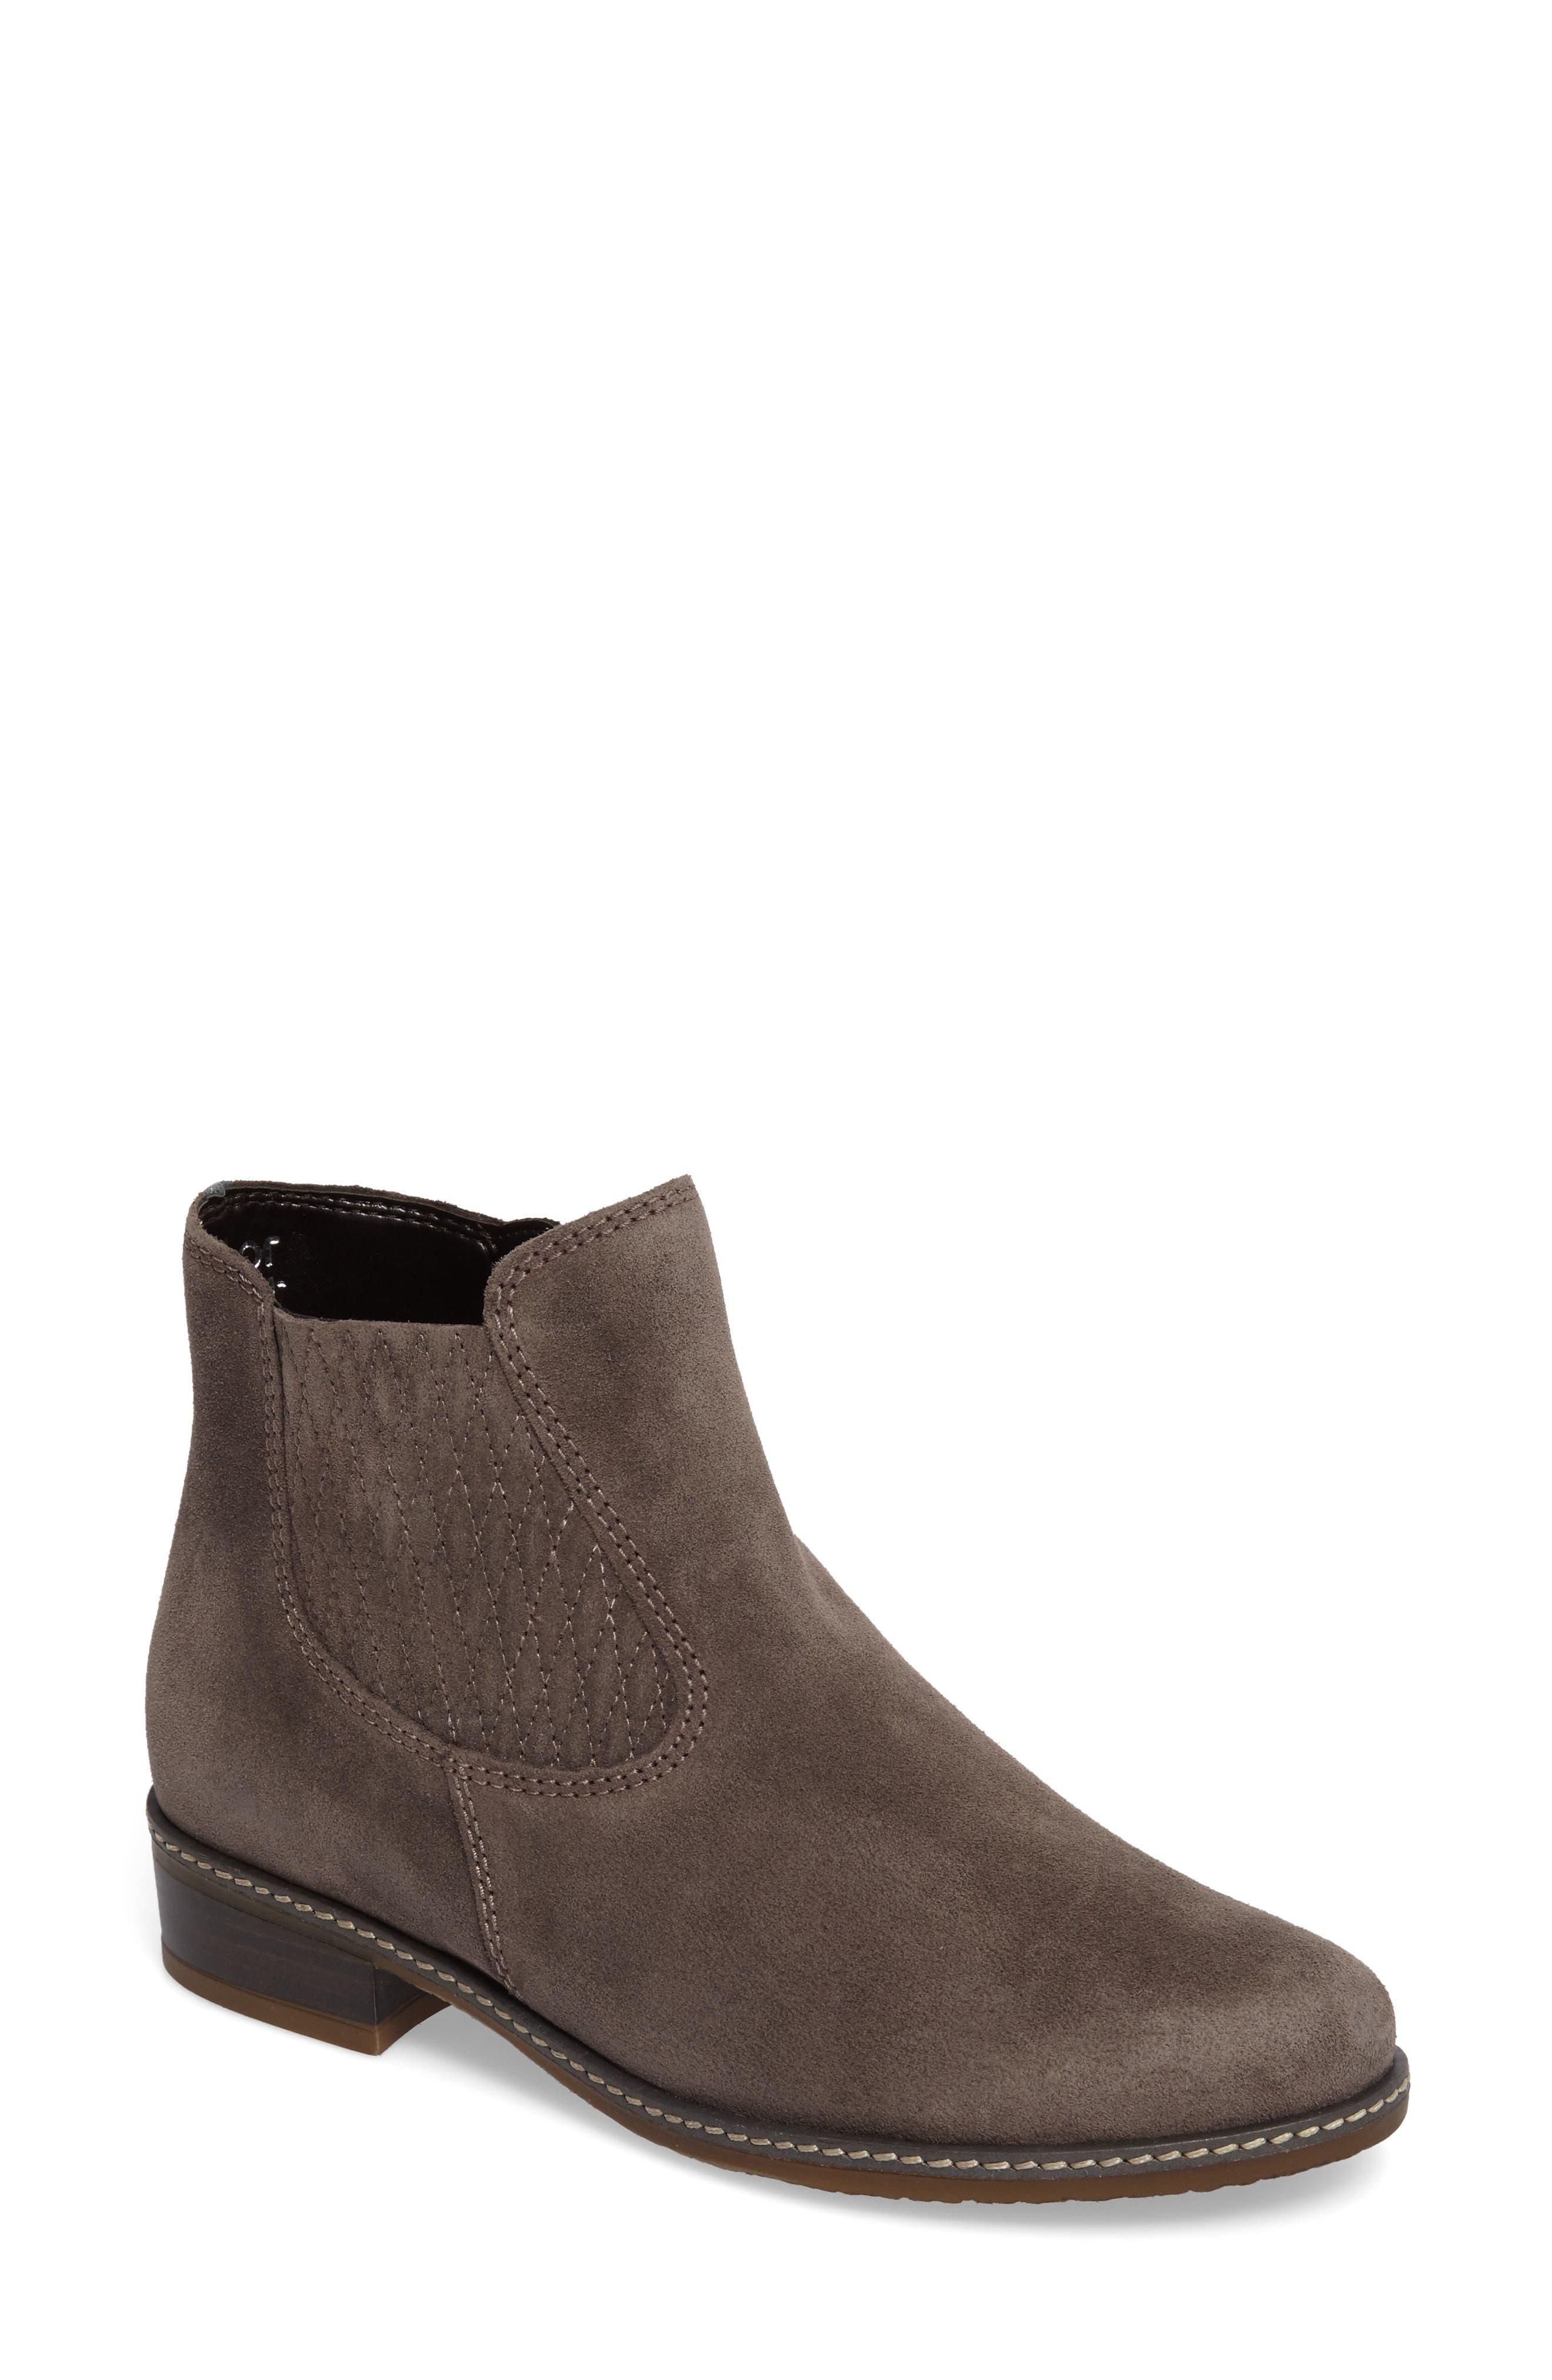 Chelsea Bootie,                         Main,                         color, Grey Suede